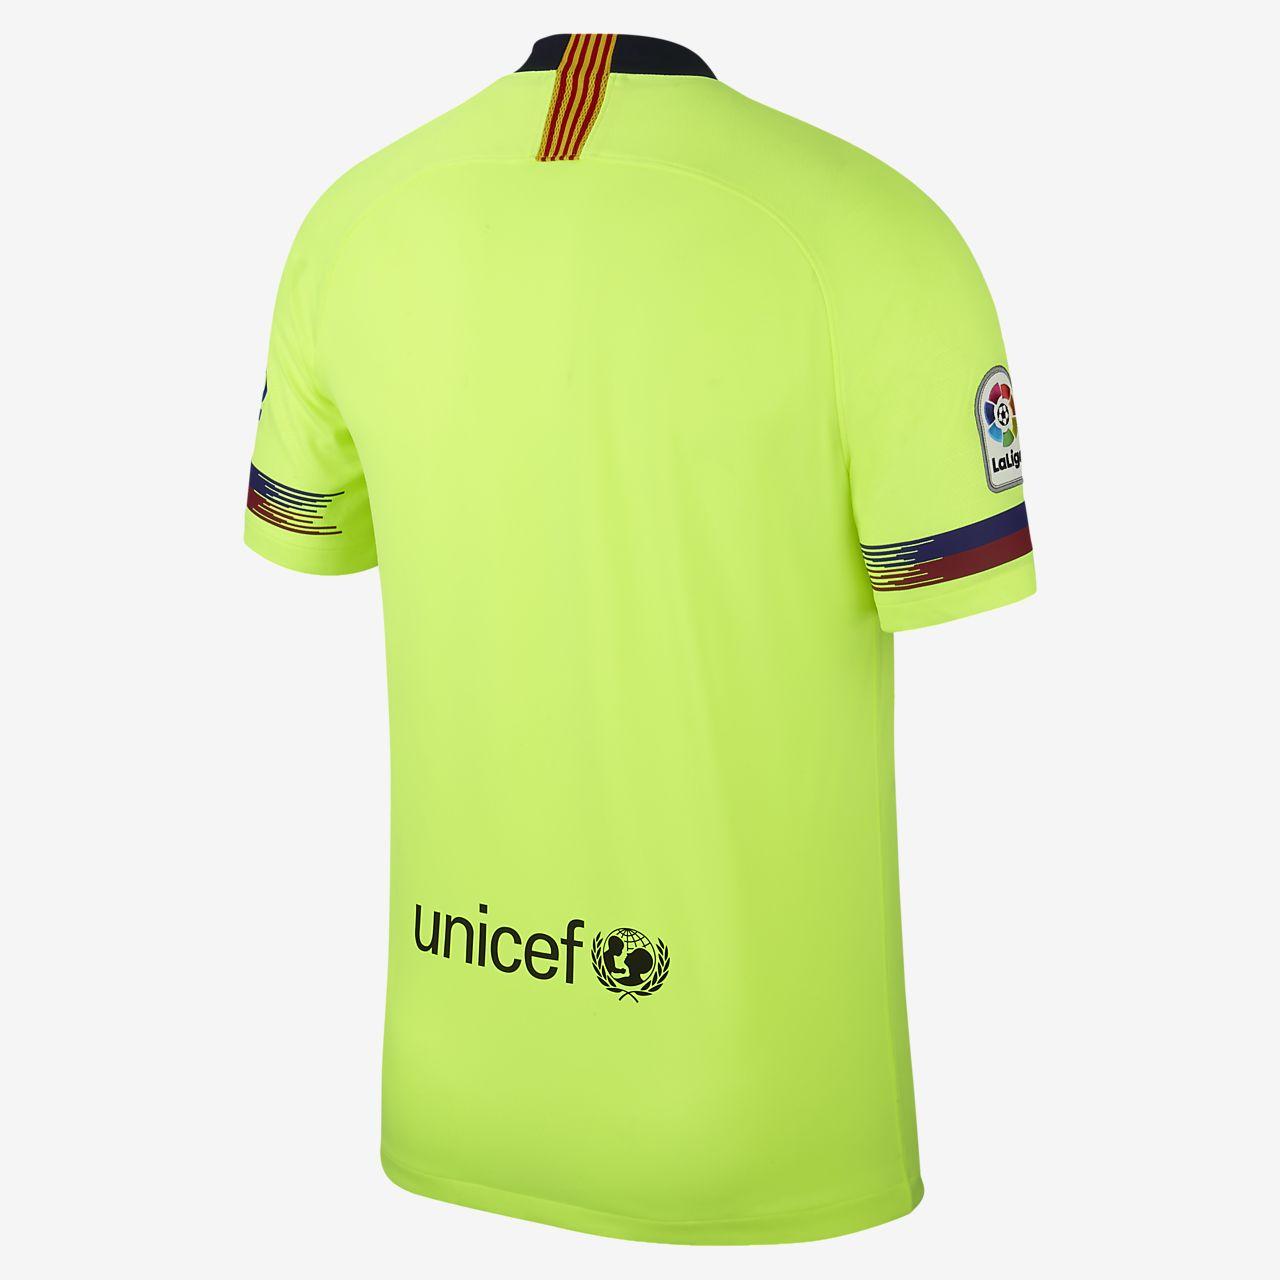 buy popular b47d6 001dc ... 2018 19 FC Barcelona Stadium Away fotballdrakt til herre